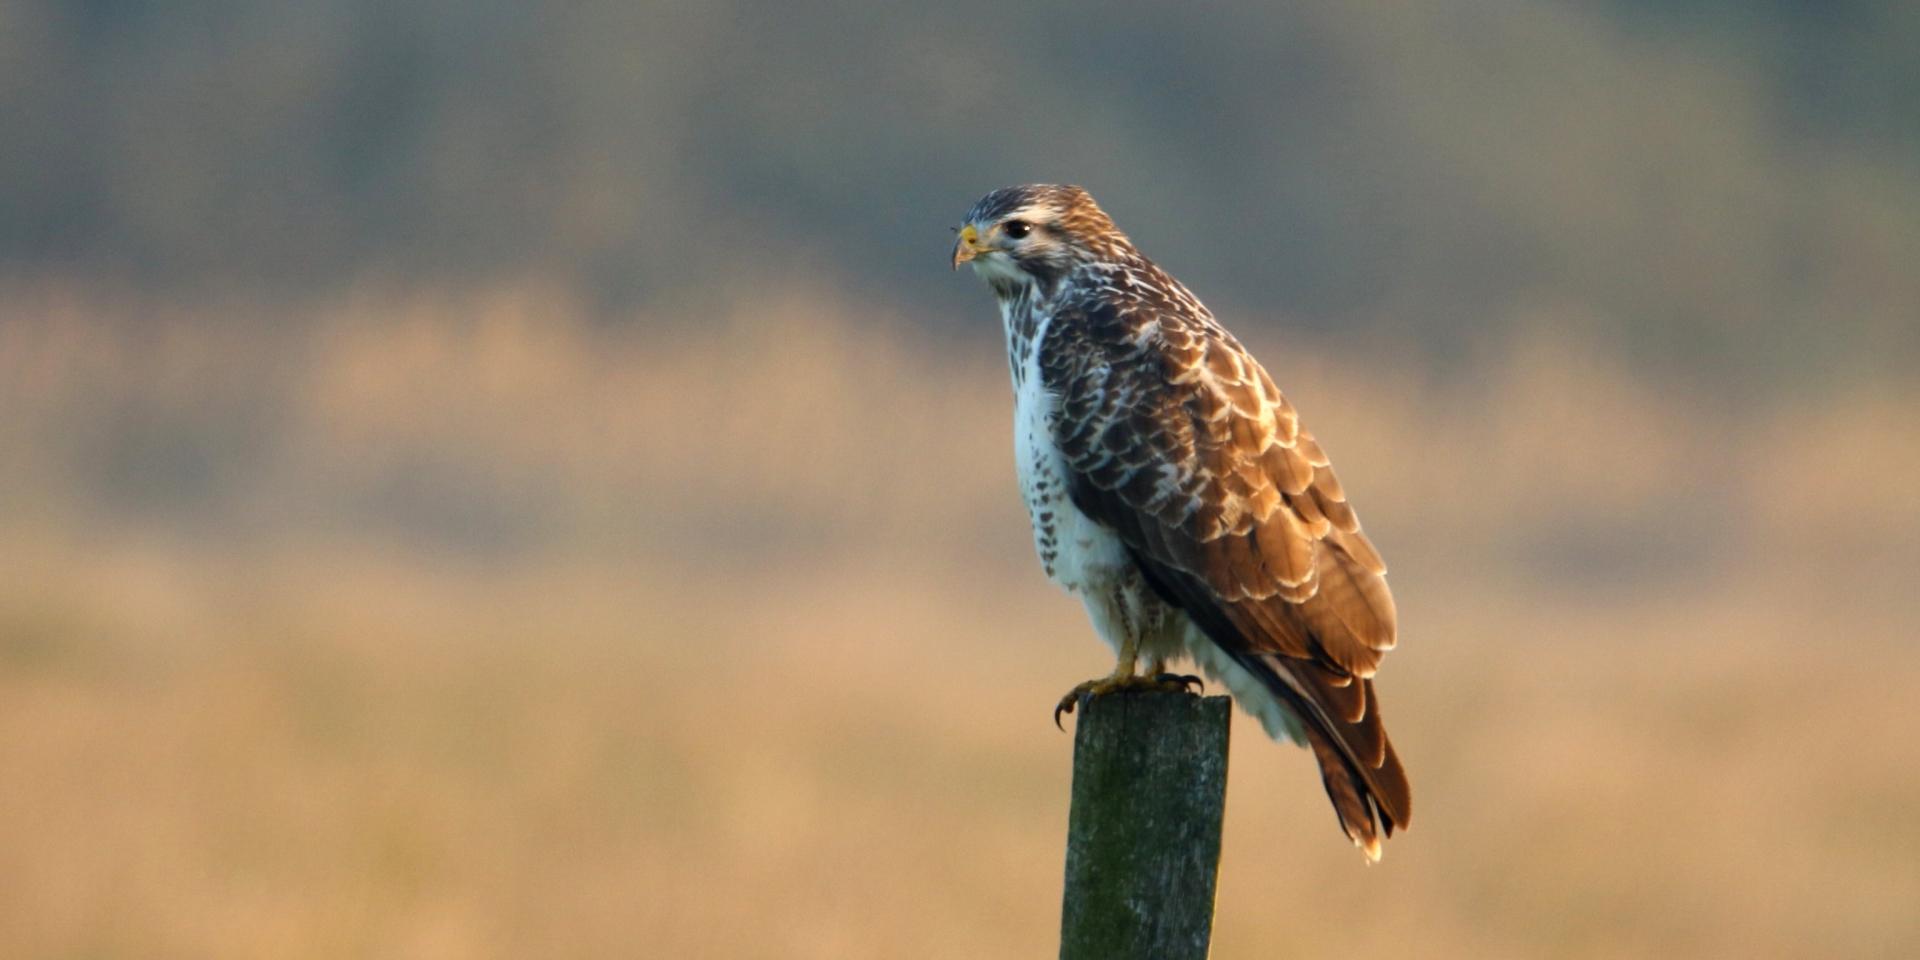 Eaglewatch roofvogels en uilen spreekbeurten